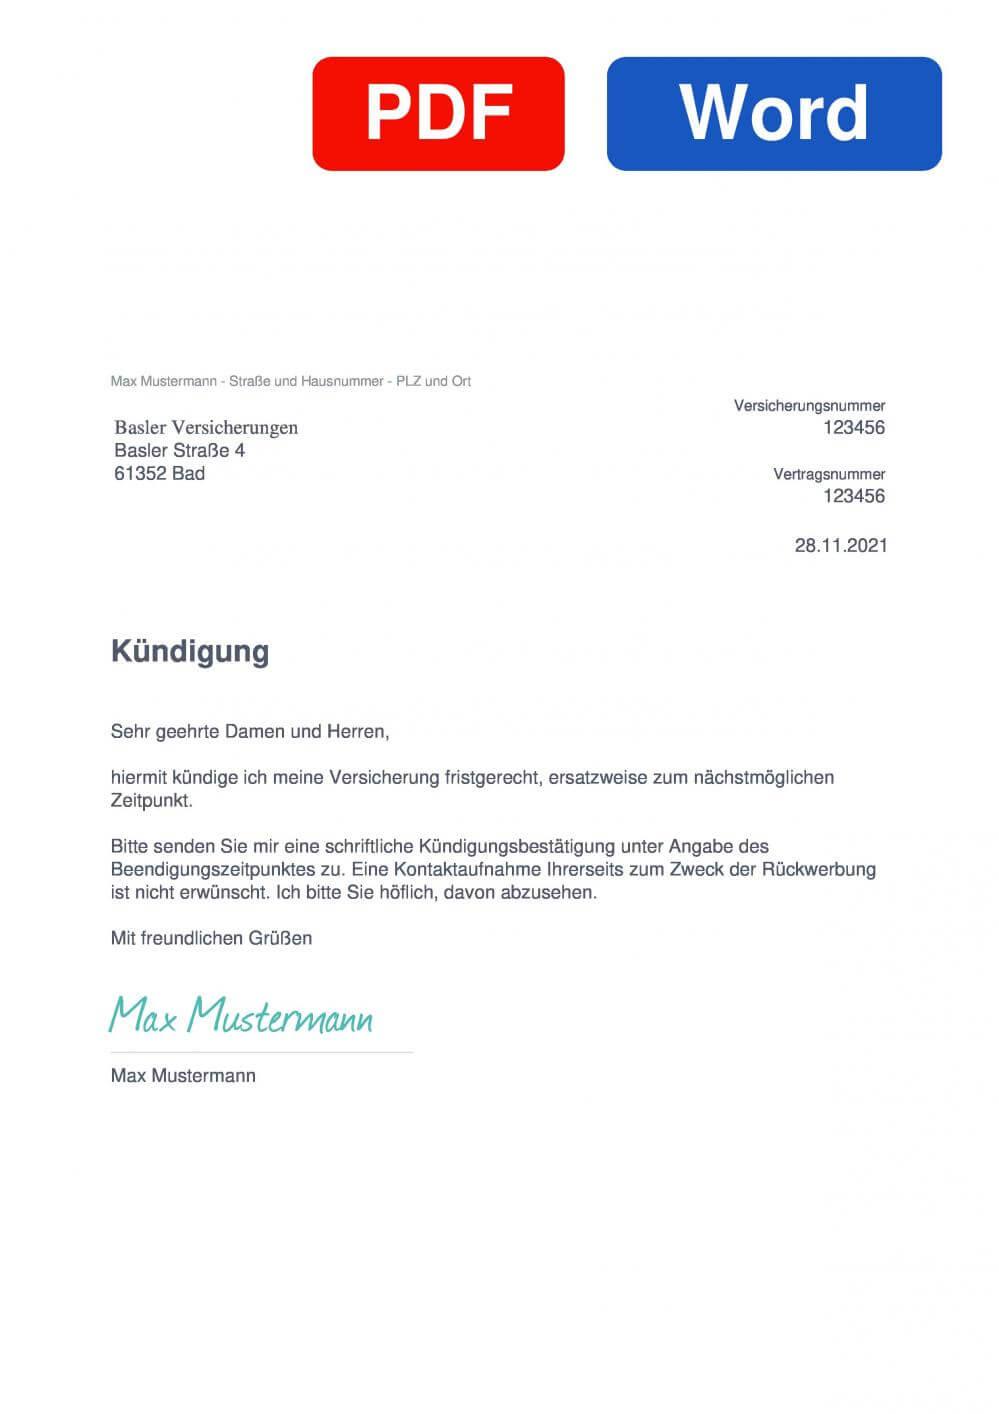 Basler Versicherung Muster Vorlage für Kündigungsschreiben